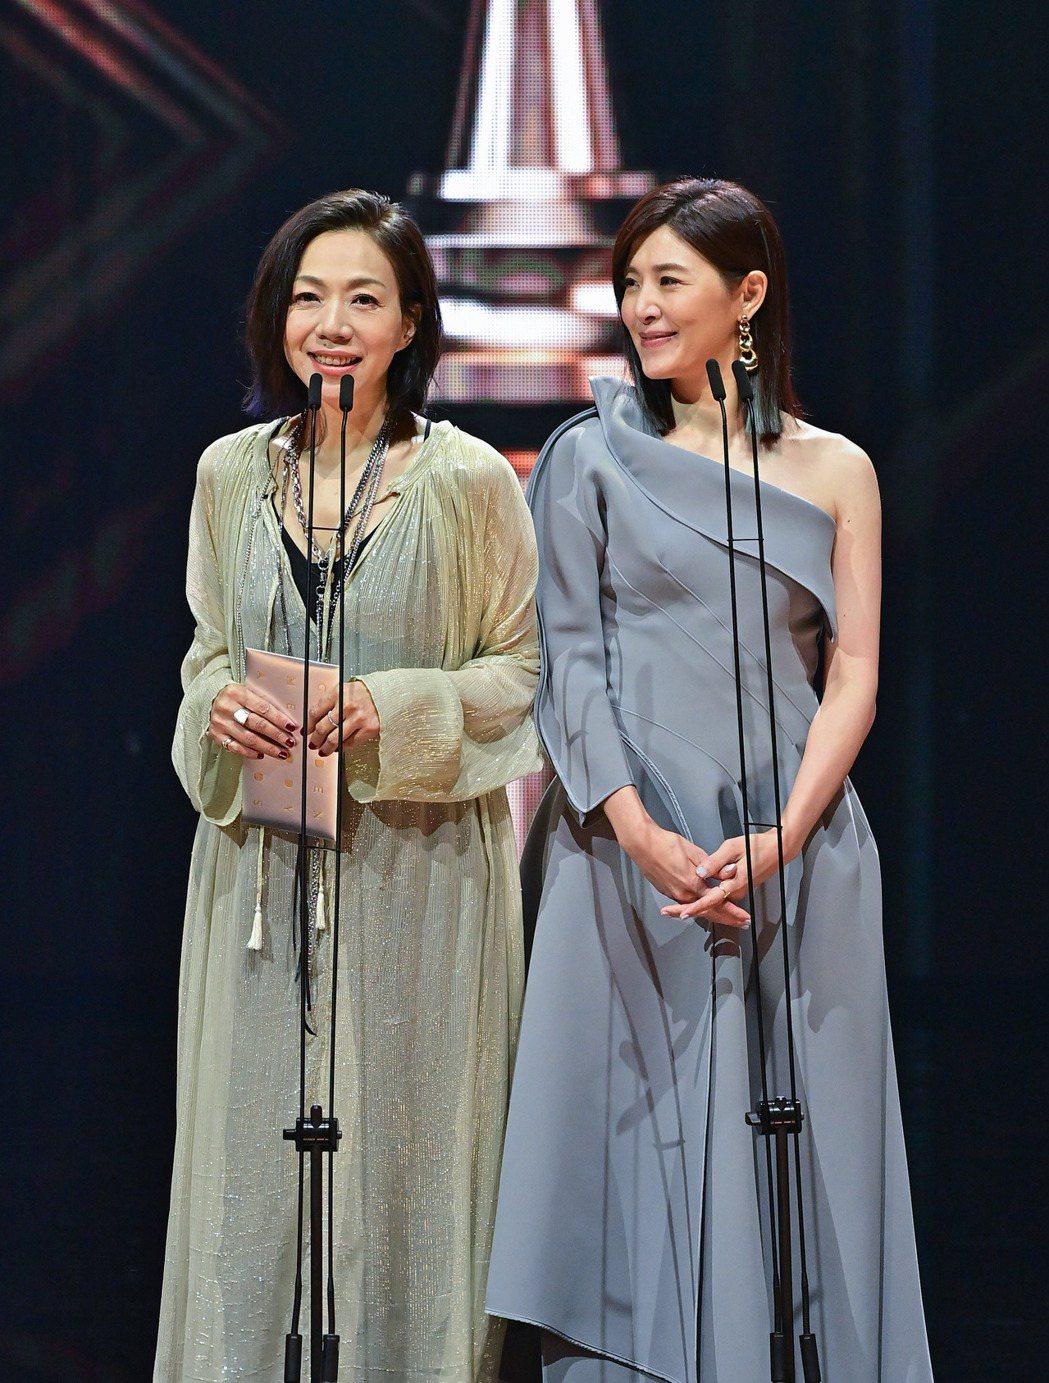 同年出道的萬芳(左)、蘇慧倫擔任第32屆金曲獎頒獎嘉賓。圖/台視提供